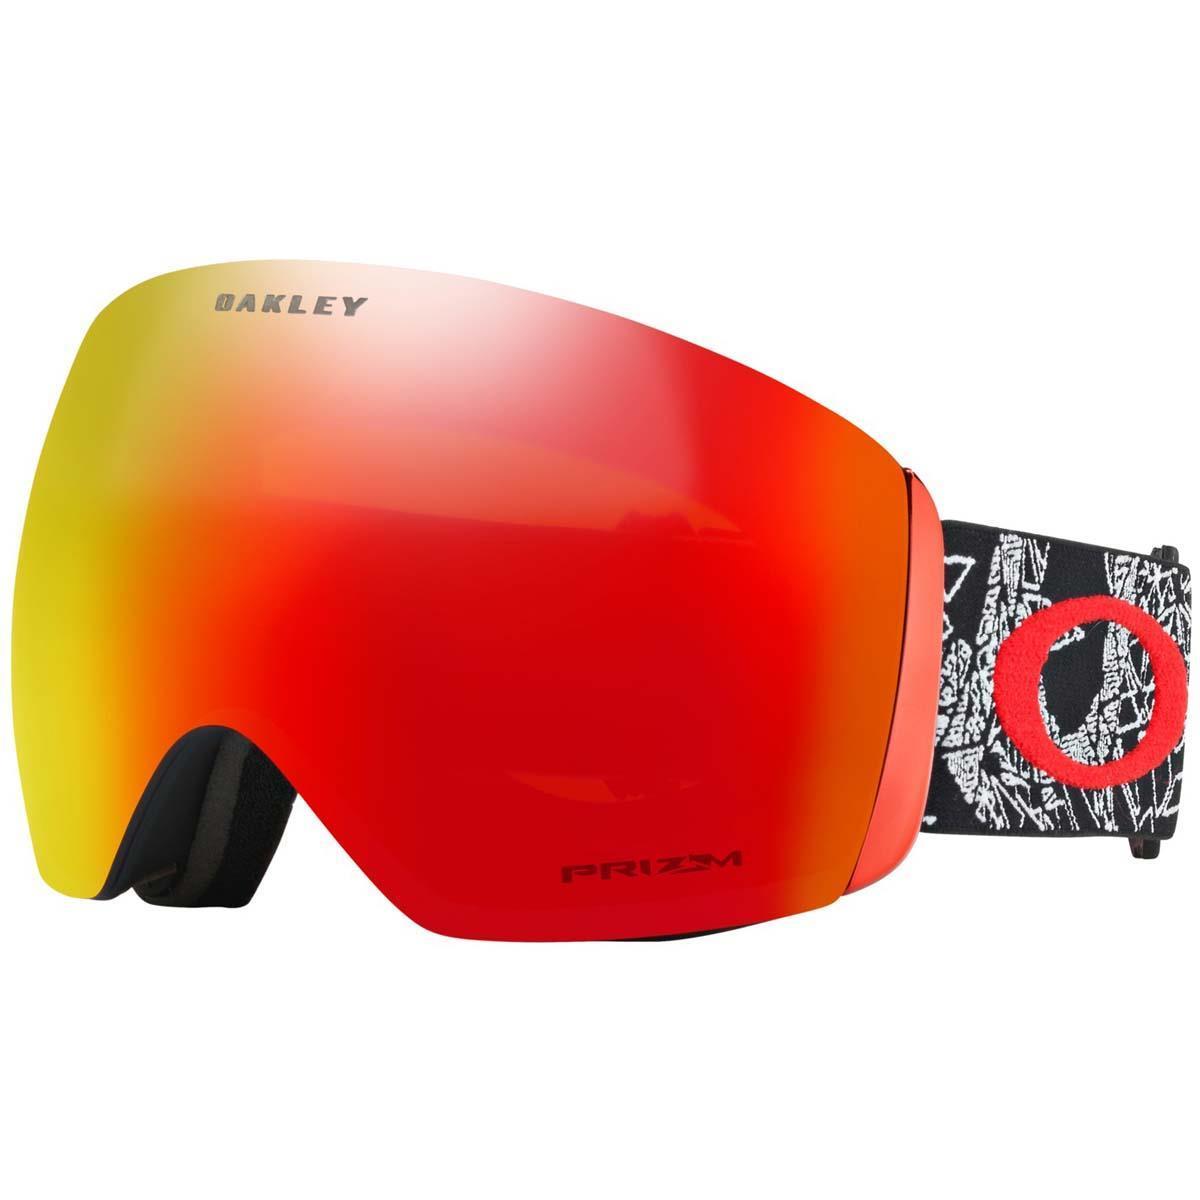 da5f93e943e Oakley Seth Morrison Signature Prizm Flight Deck Goggle. Loading zoom